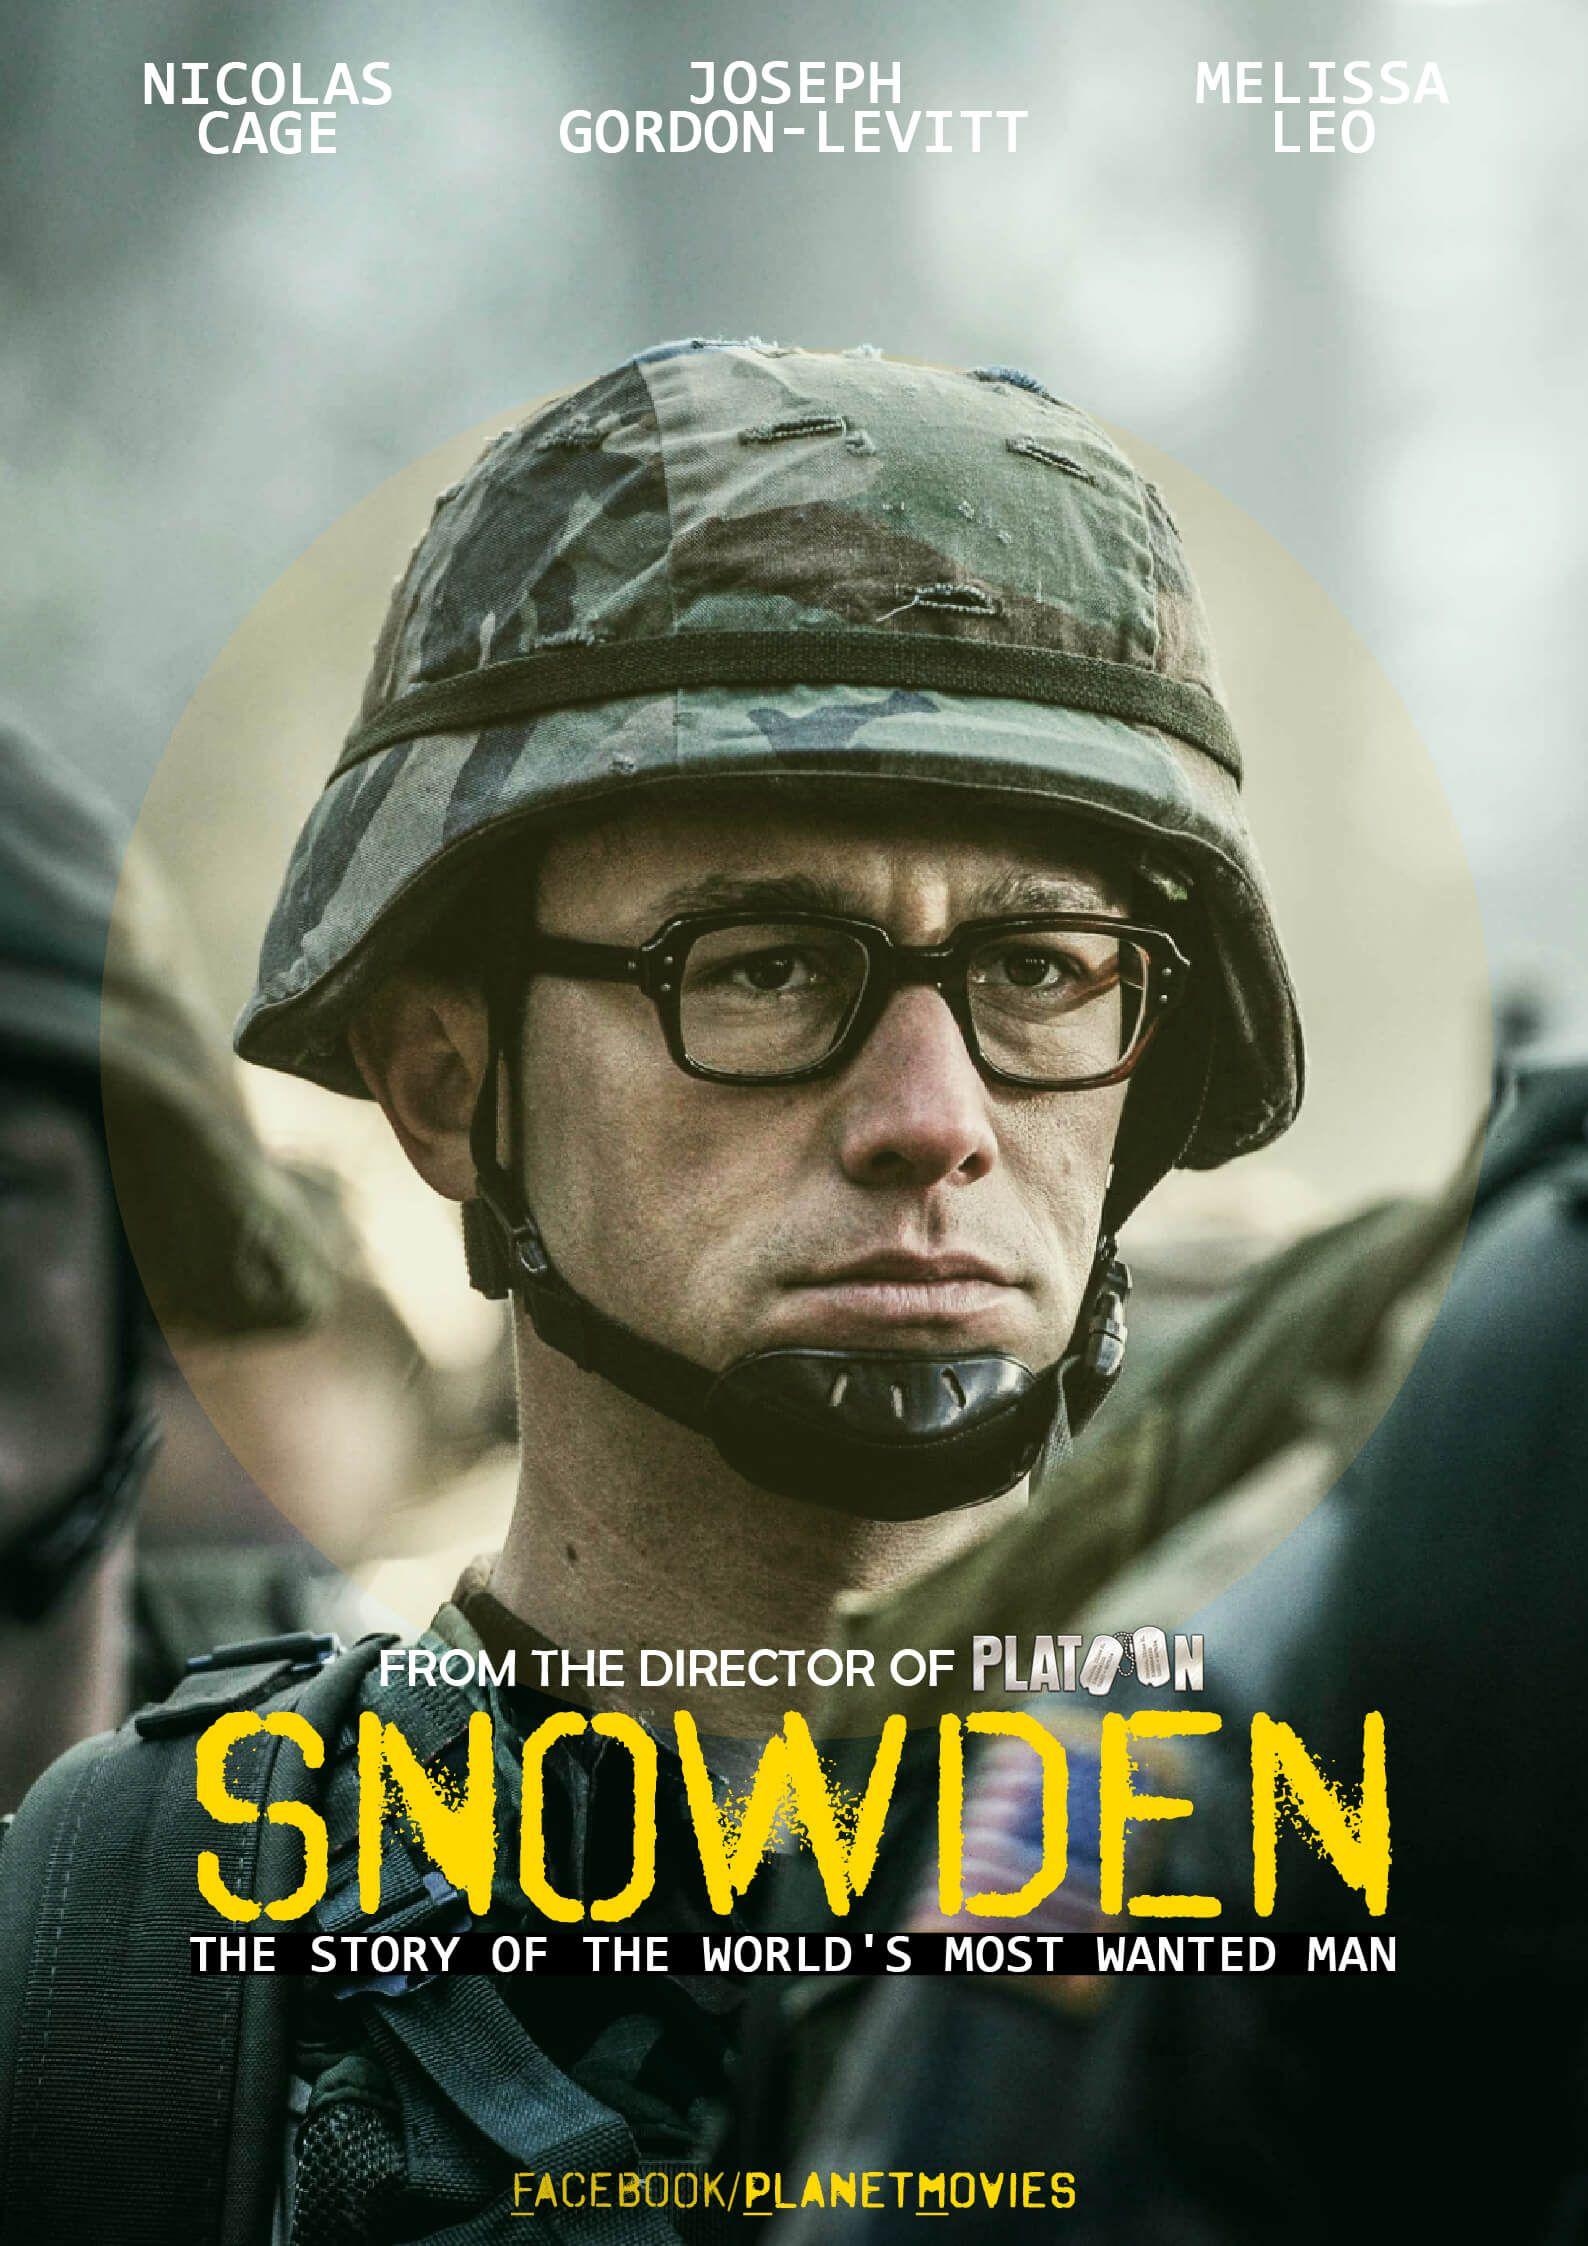 'Snowden', cinebiografia conta a história do ex-agente da CIA Edward Snowden (Joseph Gordon-Levitt). Em 2013..